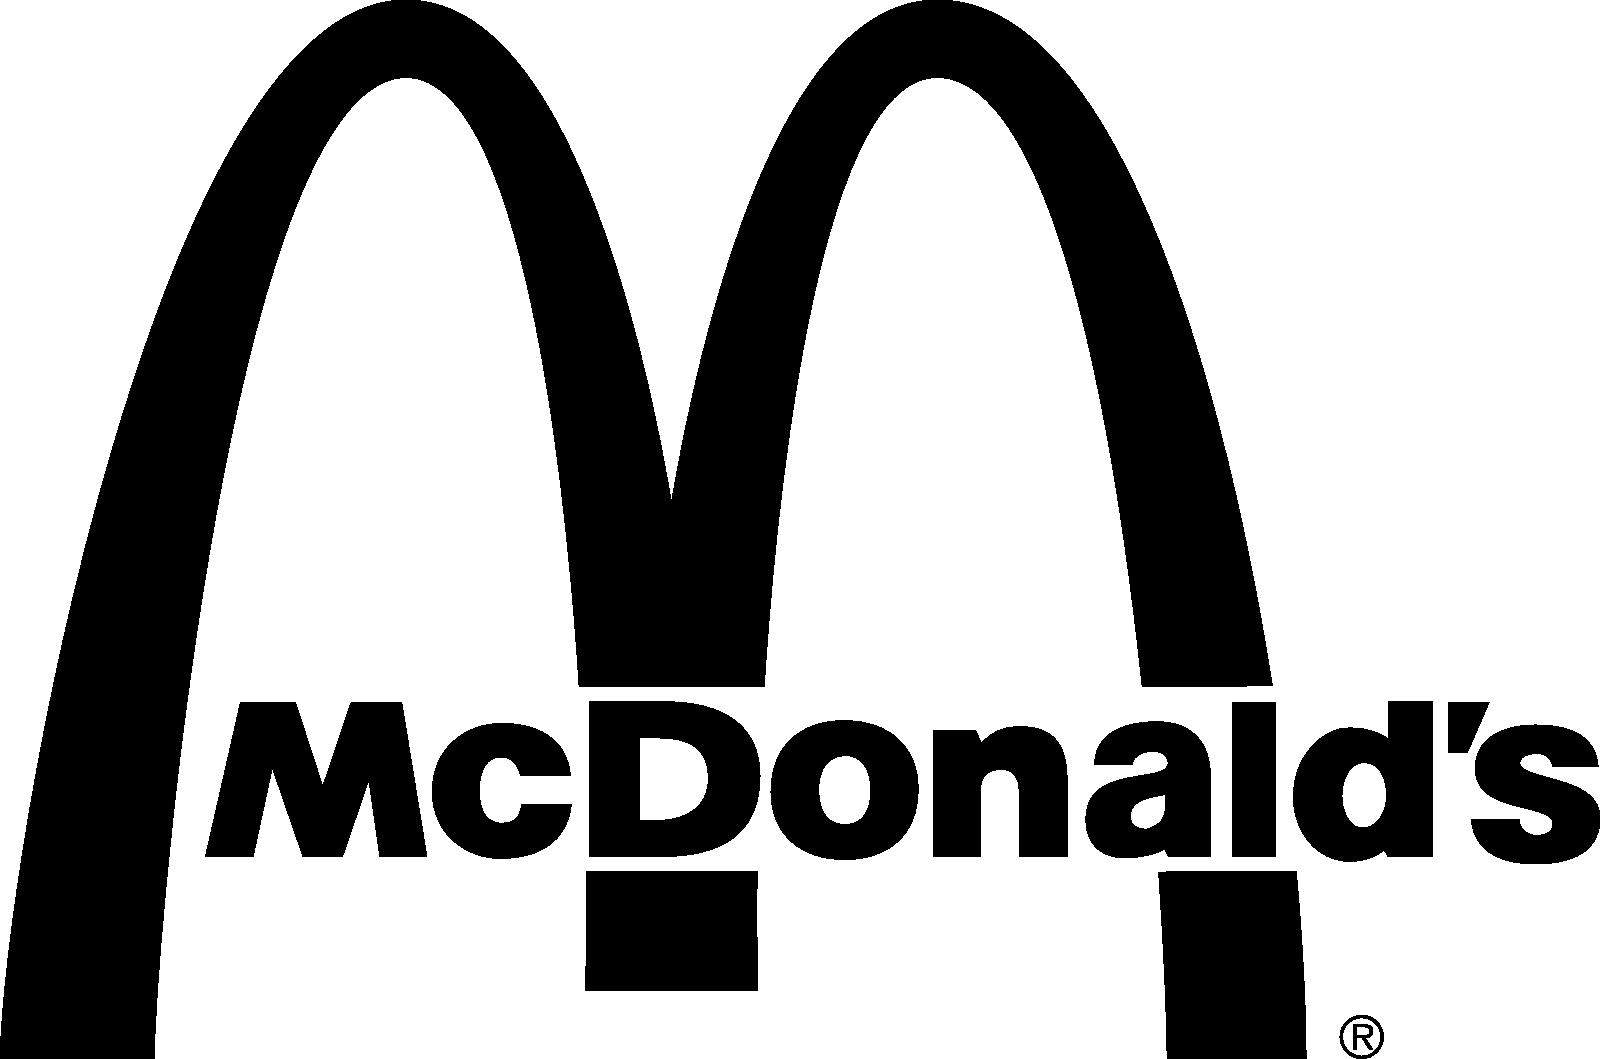 Товарный знак «Мак Дак» стал причиной судебного дела